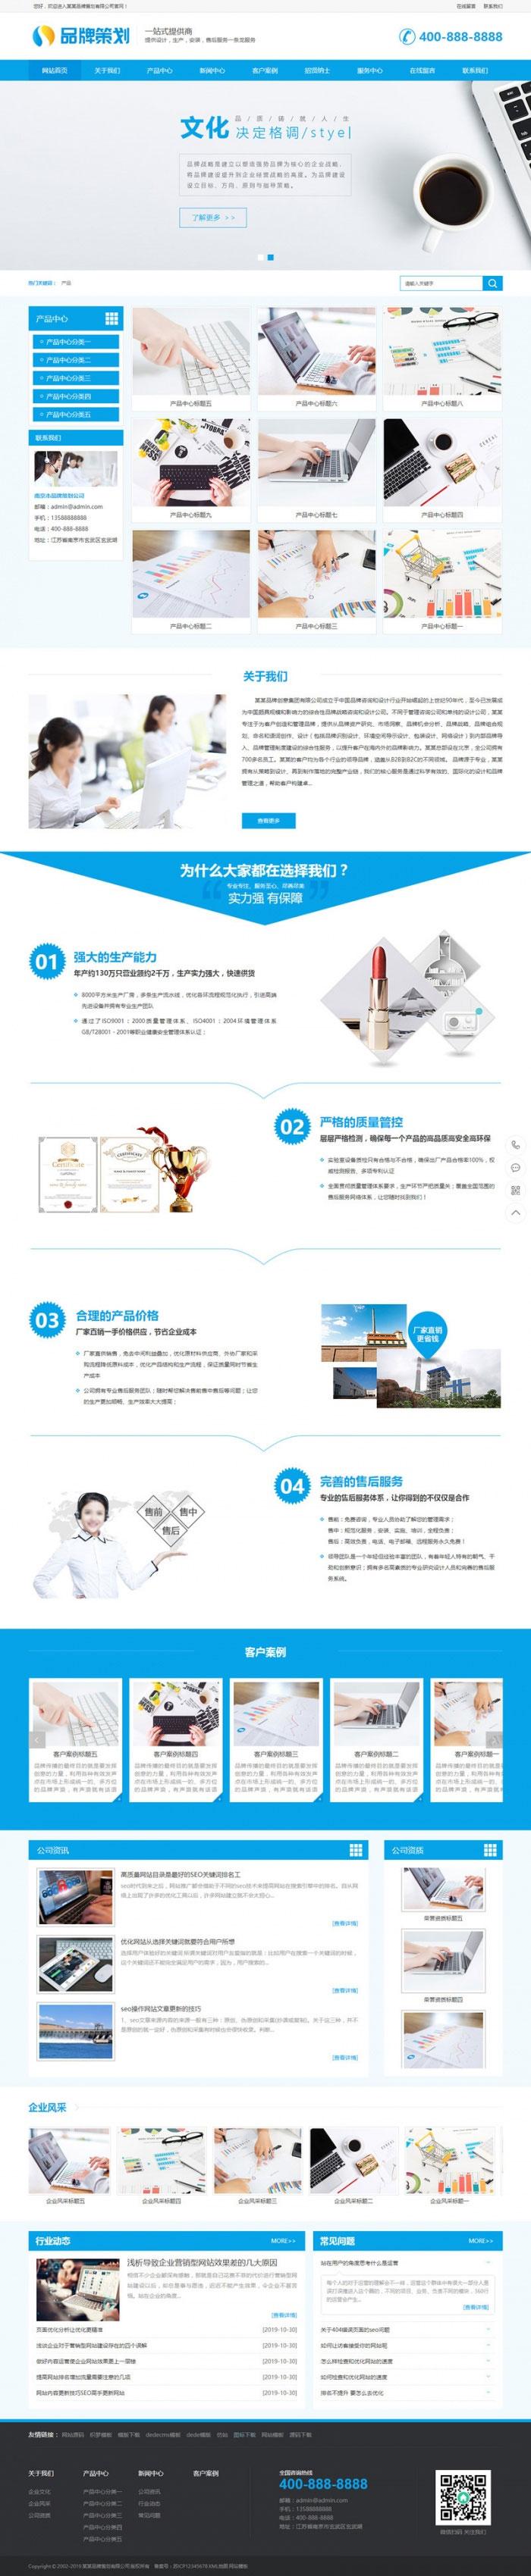 织梦dedecms蓝色营销型品牌策划设计公司网站模板(带手机移动端)